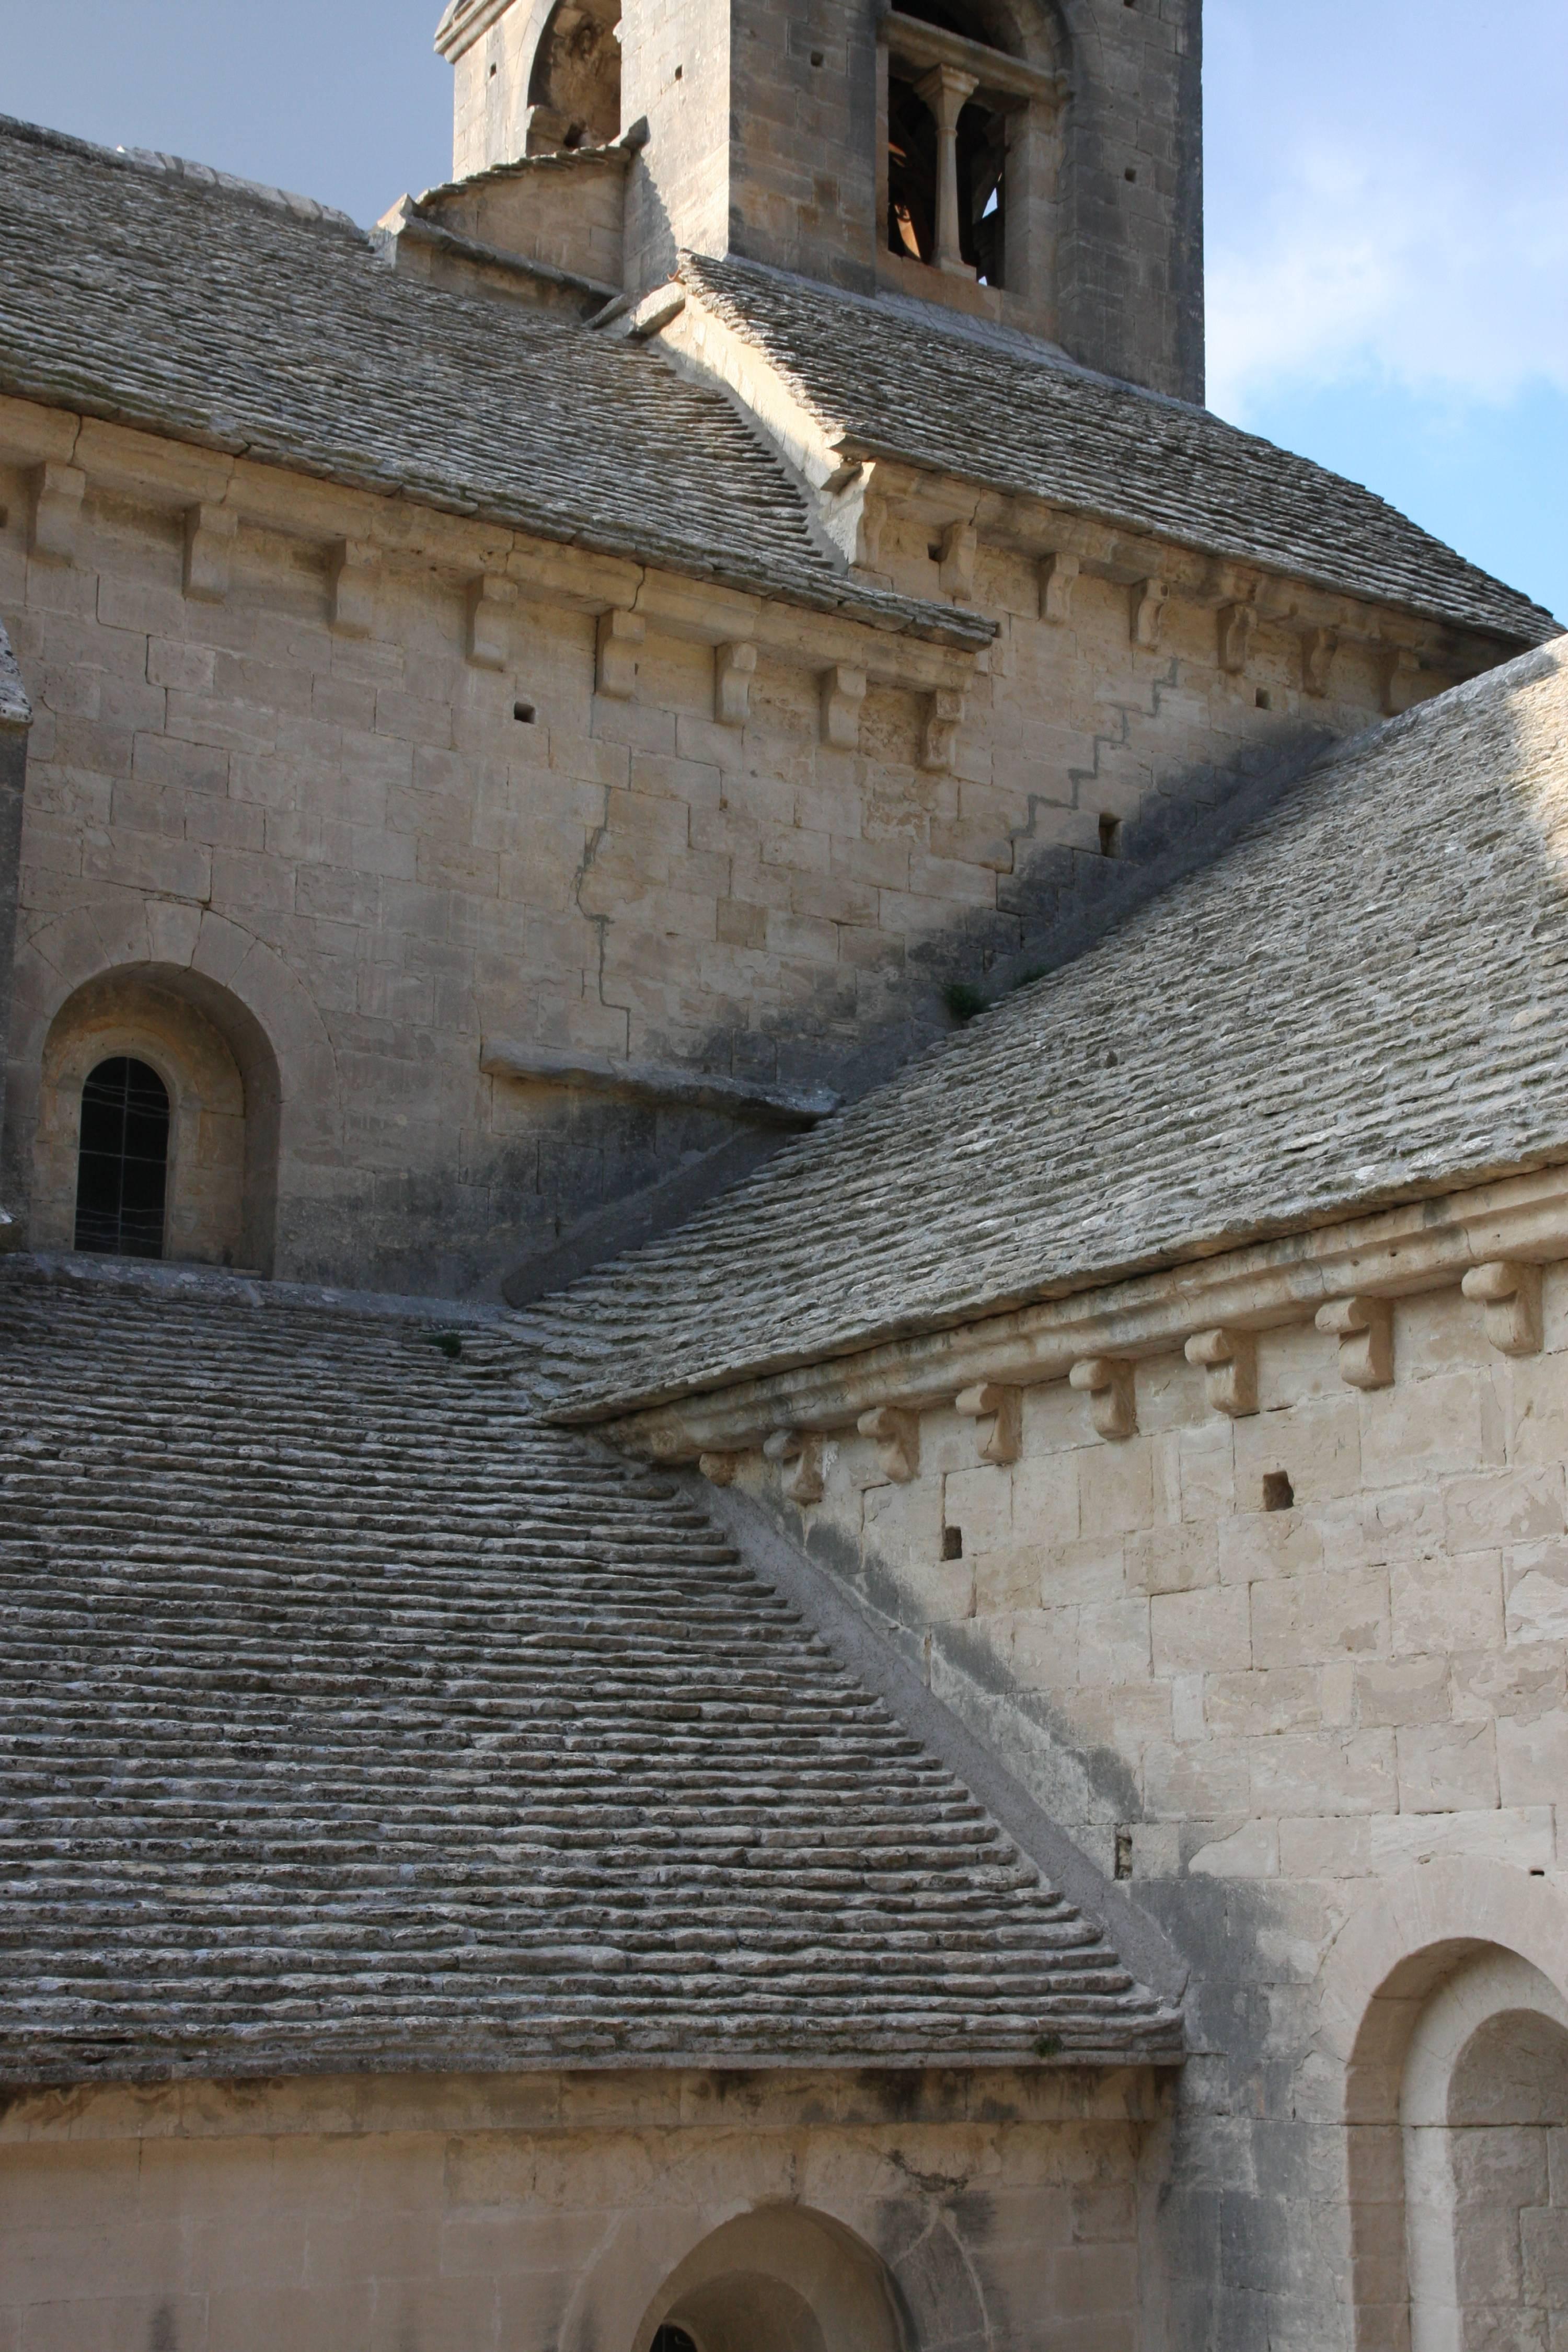 Roofing games, Notre-Dame de Sénanque abbey, Gordes, France